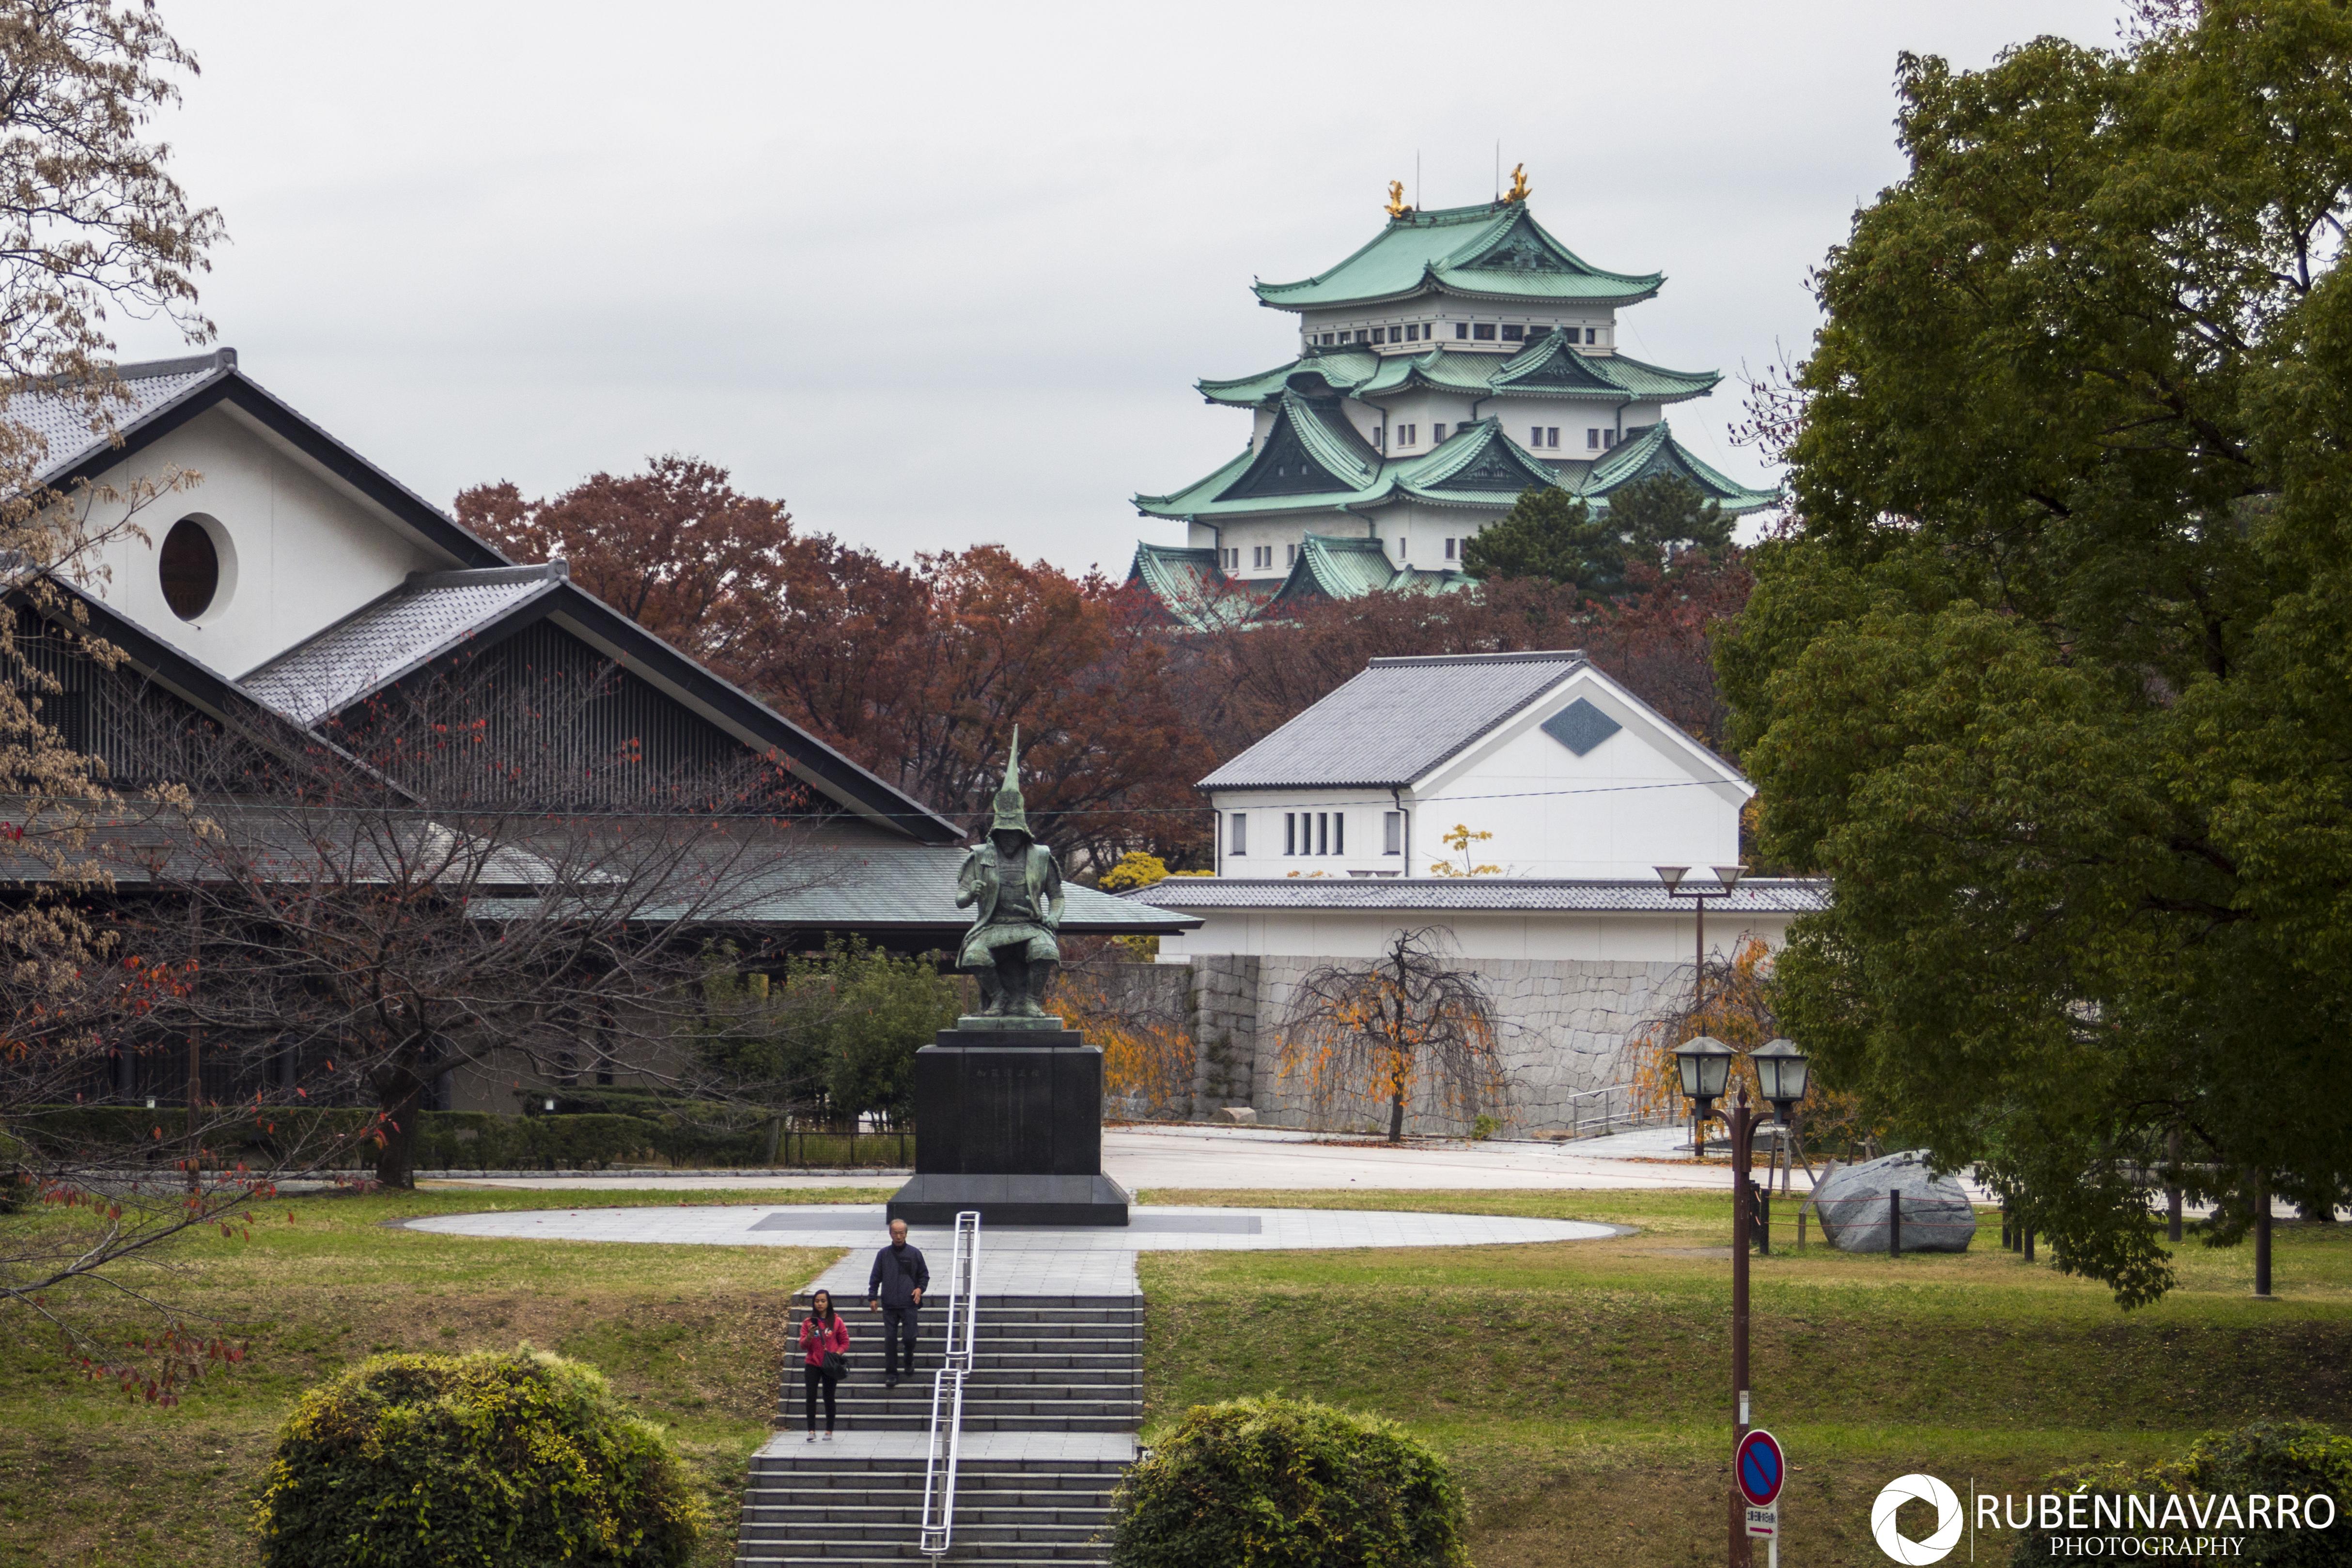 Qué ver en Nagoya. Viajar a Japón